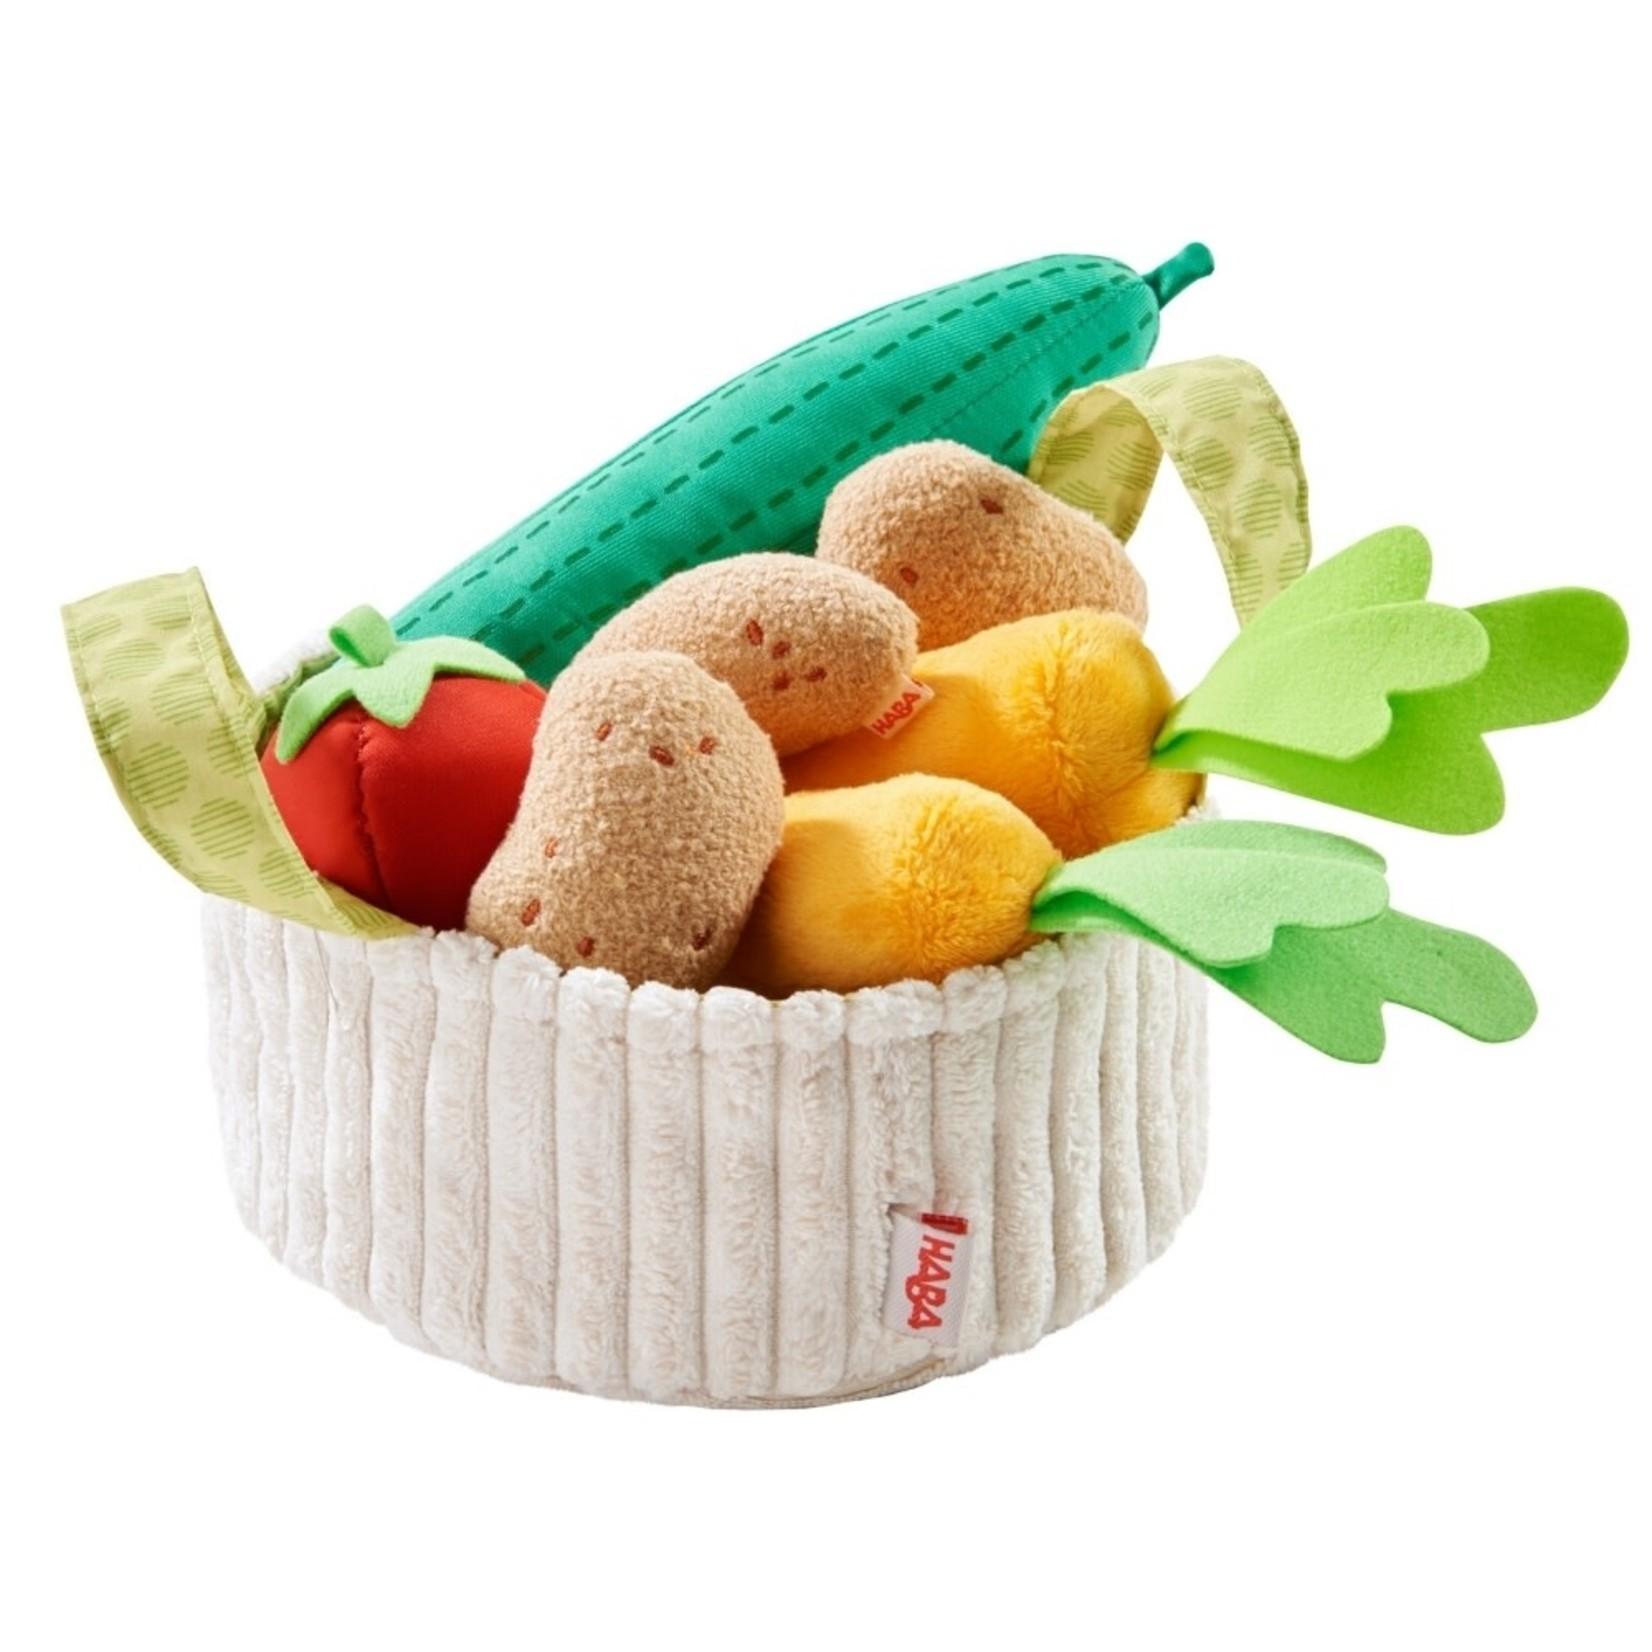 Play Vegetable Basket